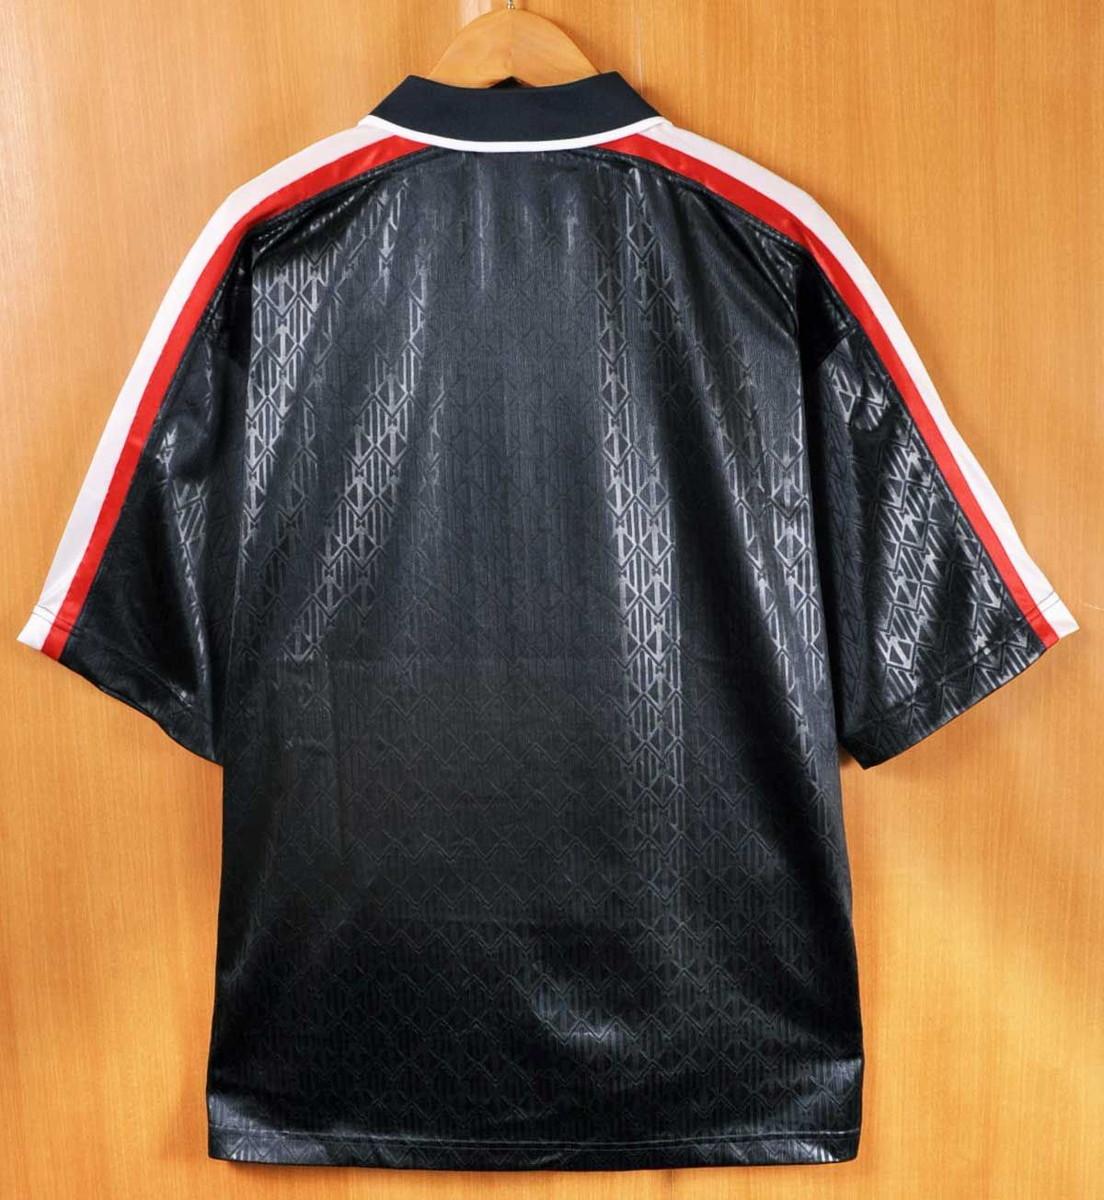 1e25c0a8a542b ... FILA Fila Grant Hill Grant Hill signature short sleeves half zip  warm-up polo shirt ...